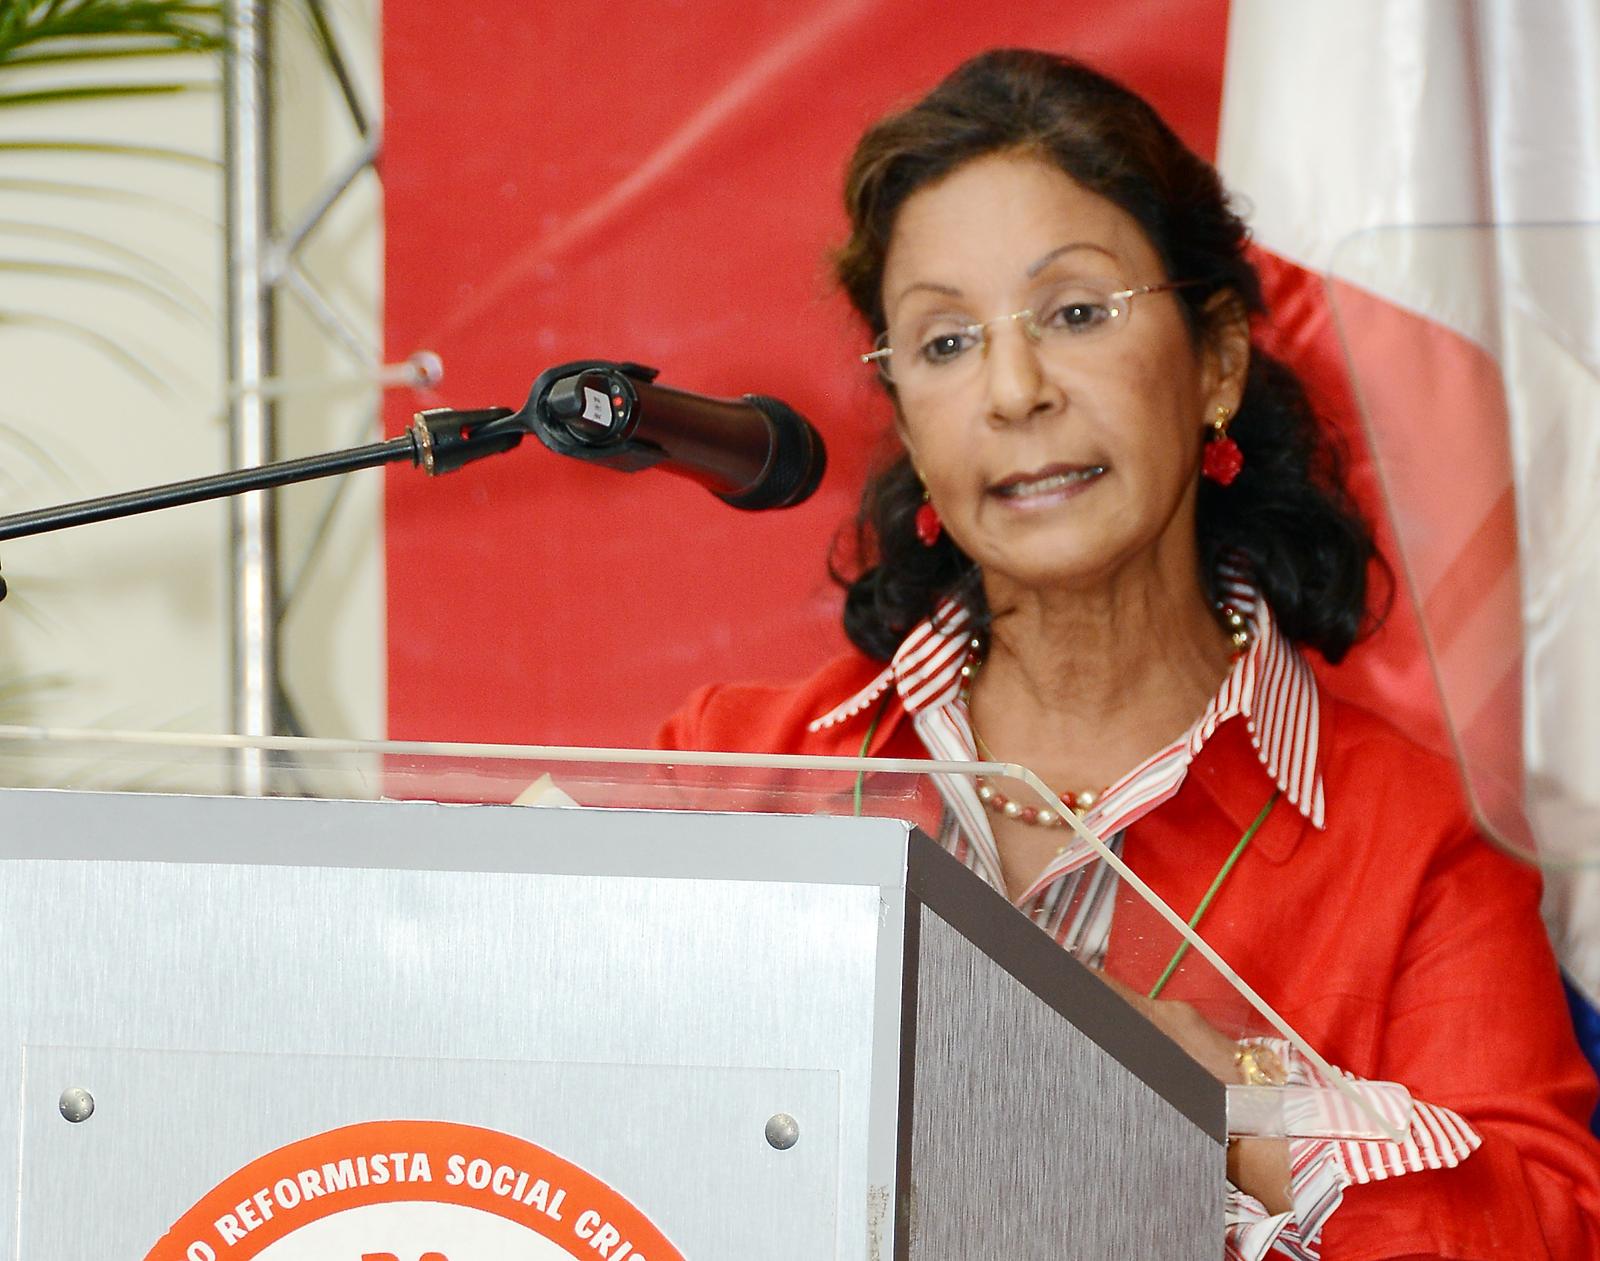 Dirigente reformista pide dar mayor participación a mujeres y juventud en PRSC